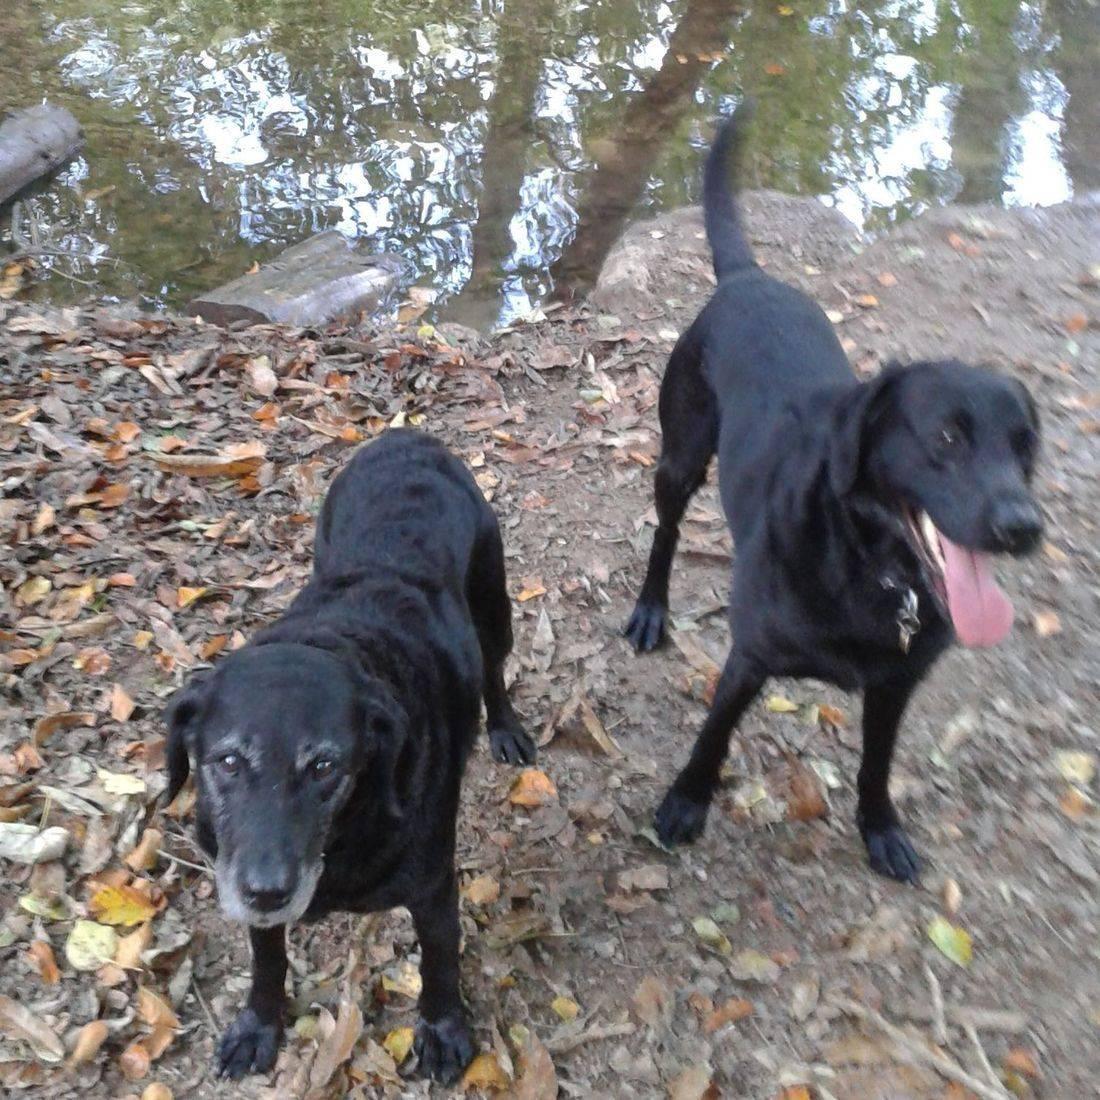 Black labradors by a stream